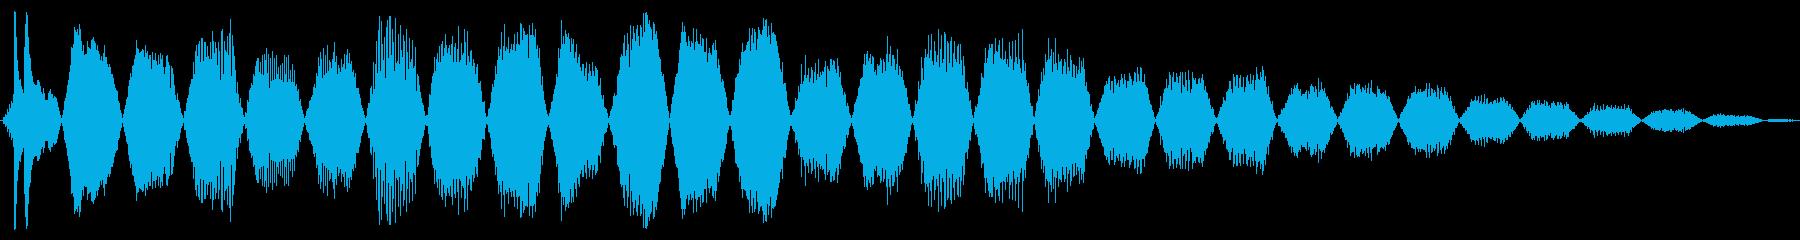 シャッターエレクトリック、パワーダ...の再生済みの波形